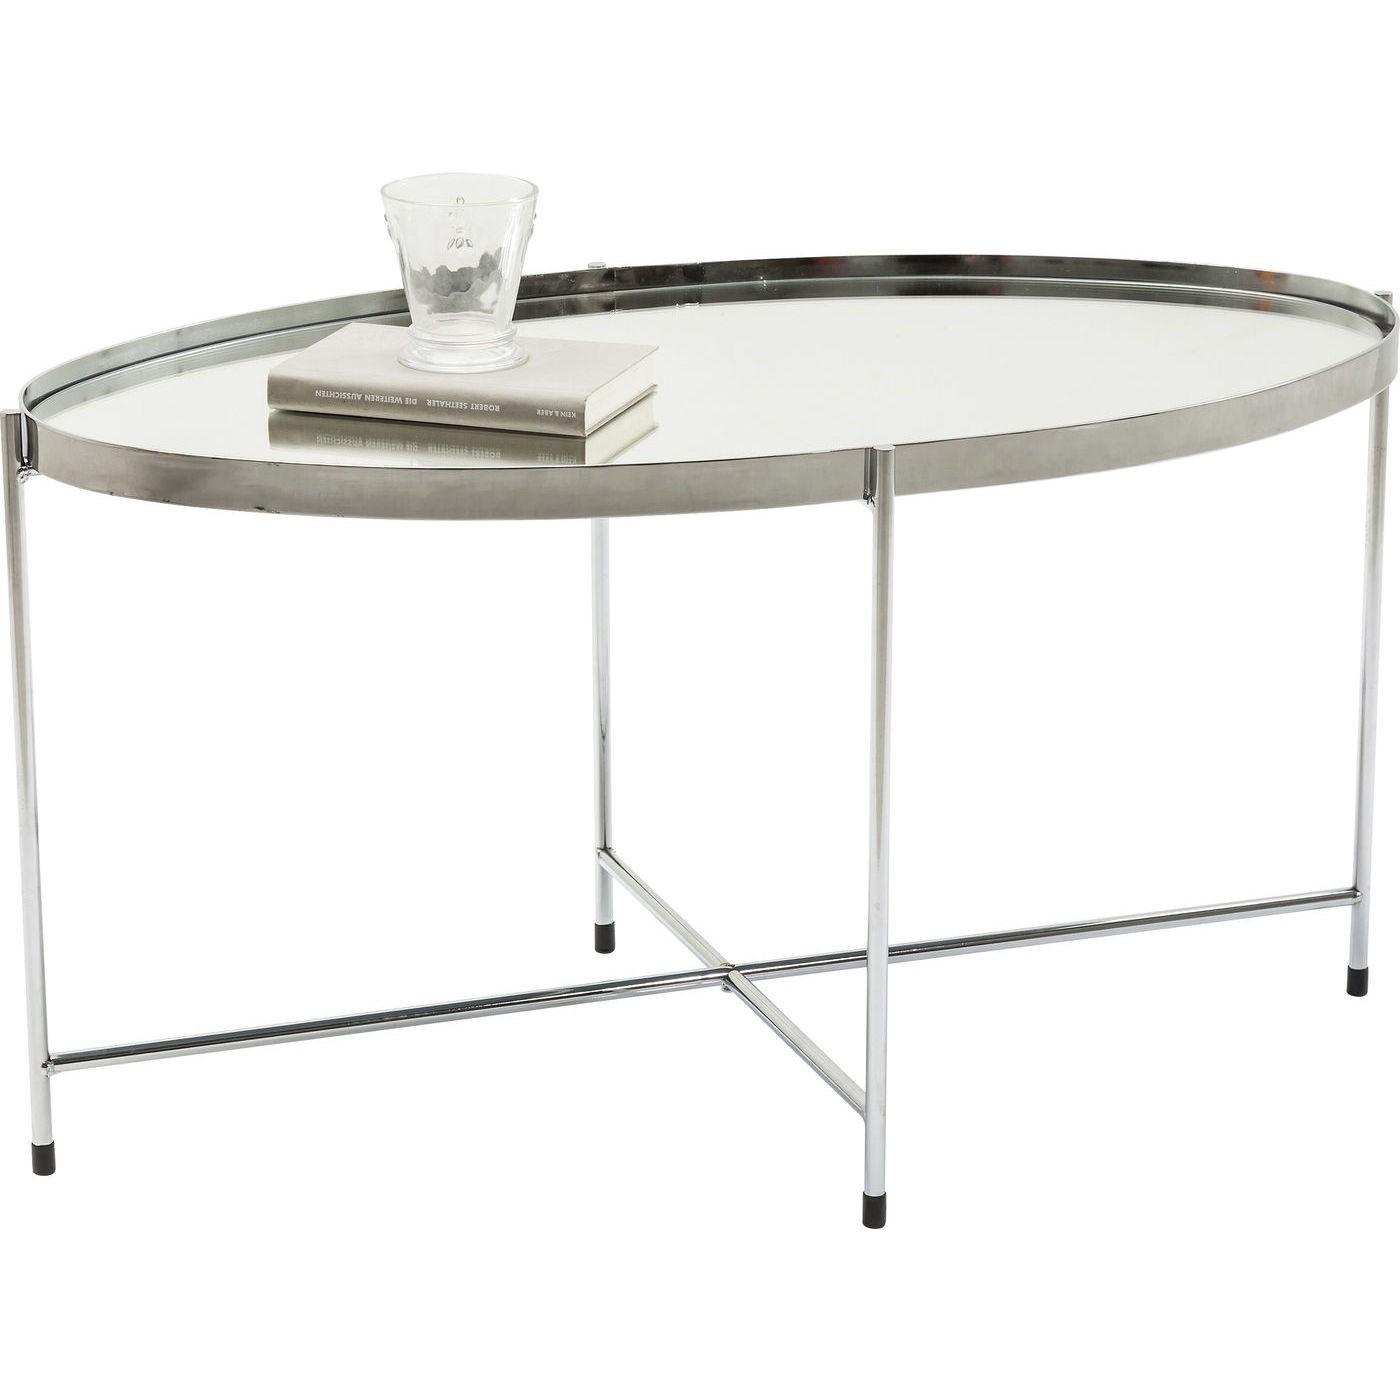 KARE DESIGN Miami sofabord - spejl og stål, oval (83x40)